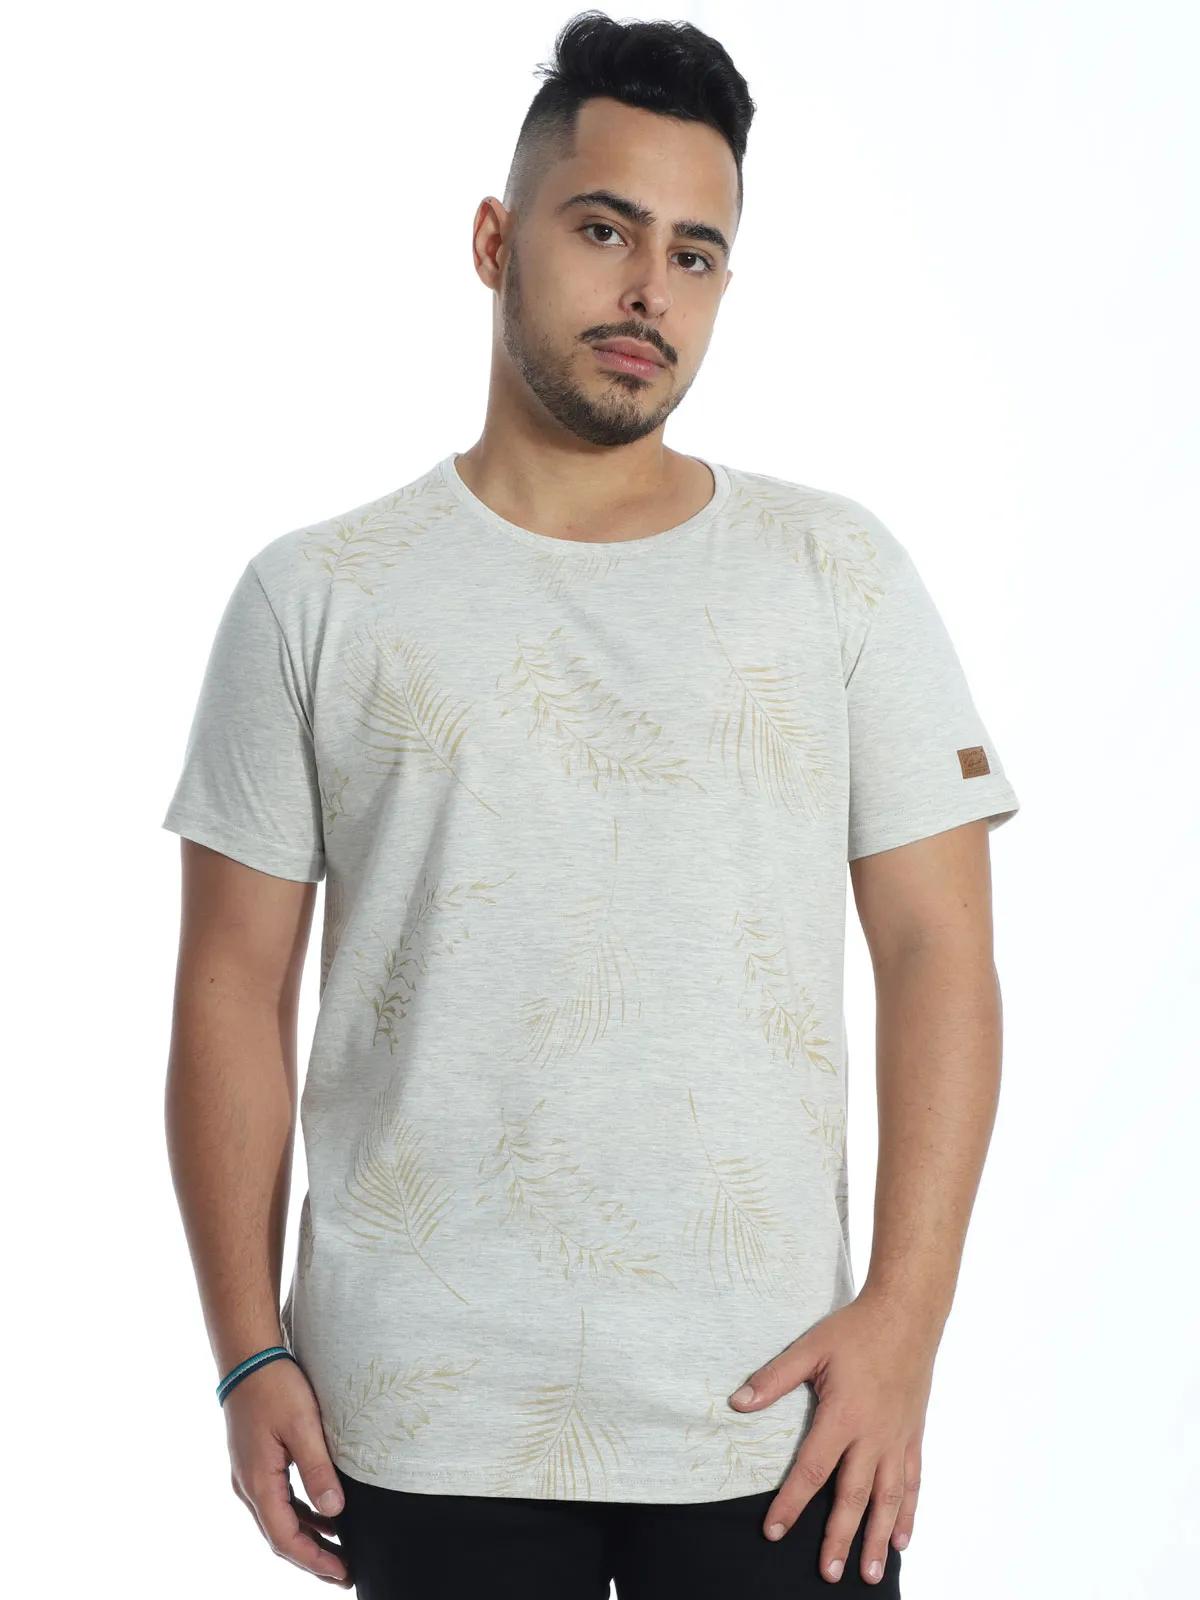 Camiseta Masculina Longline Swag Algodão Estampada Mescla Cru